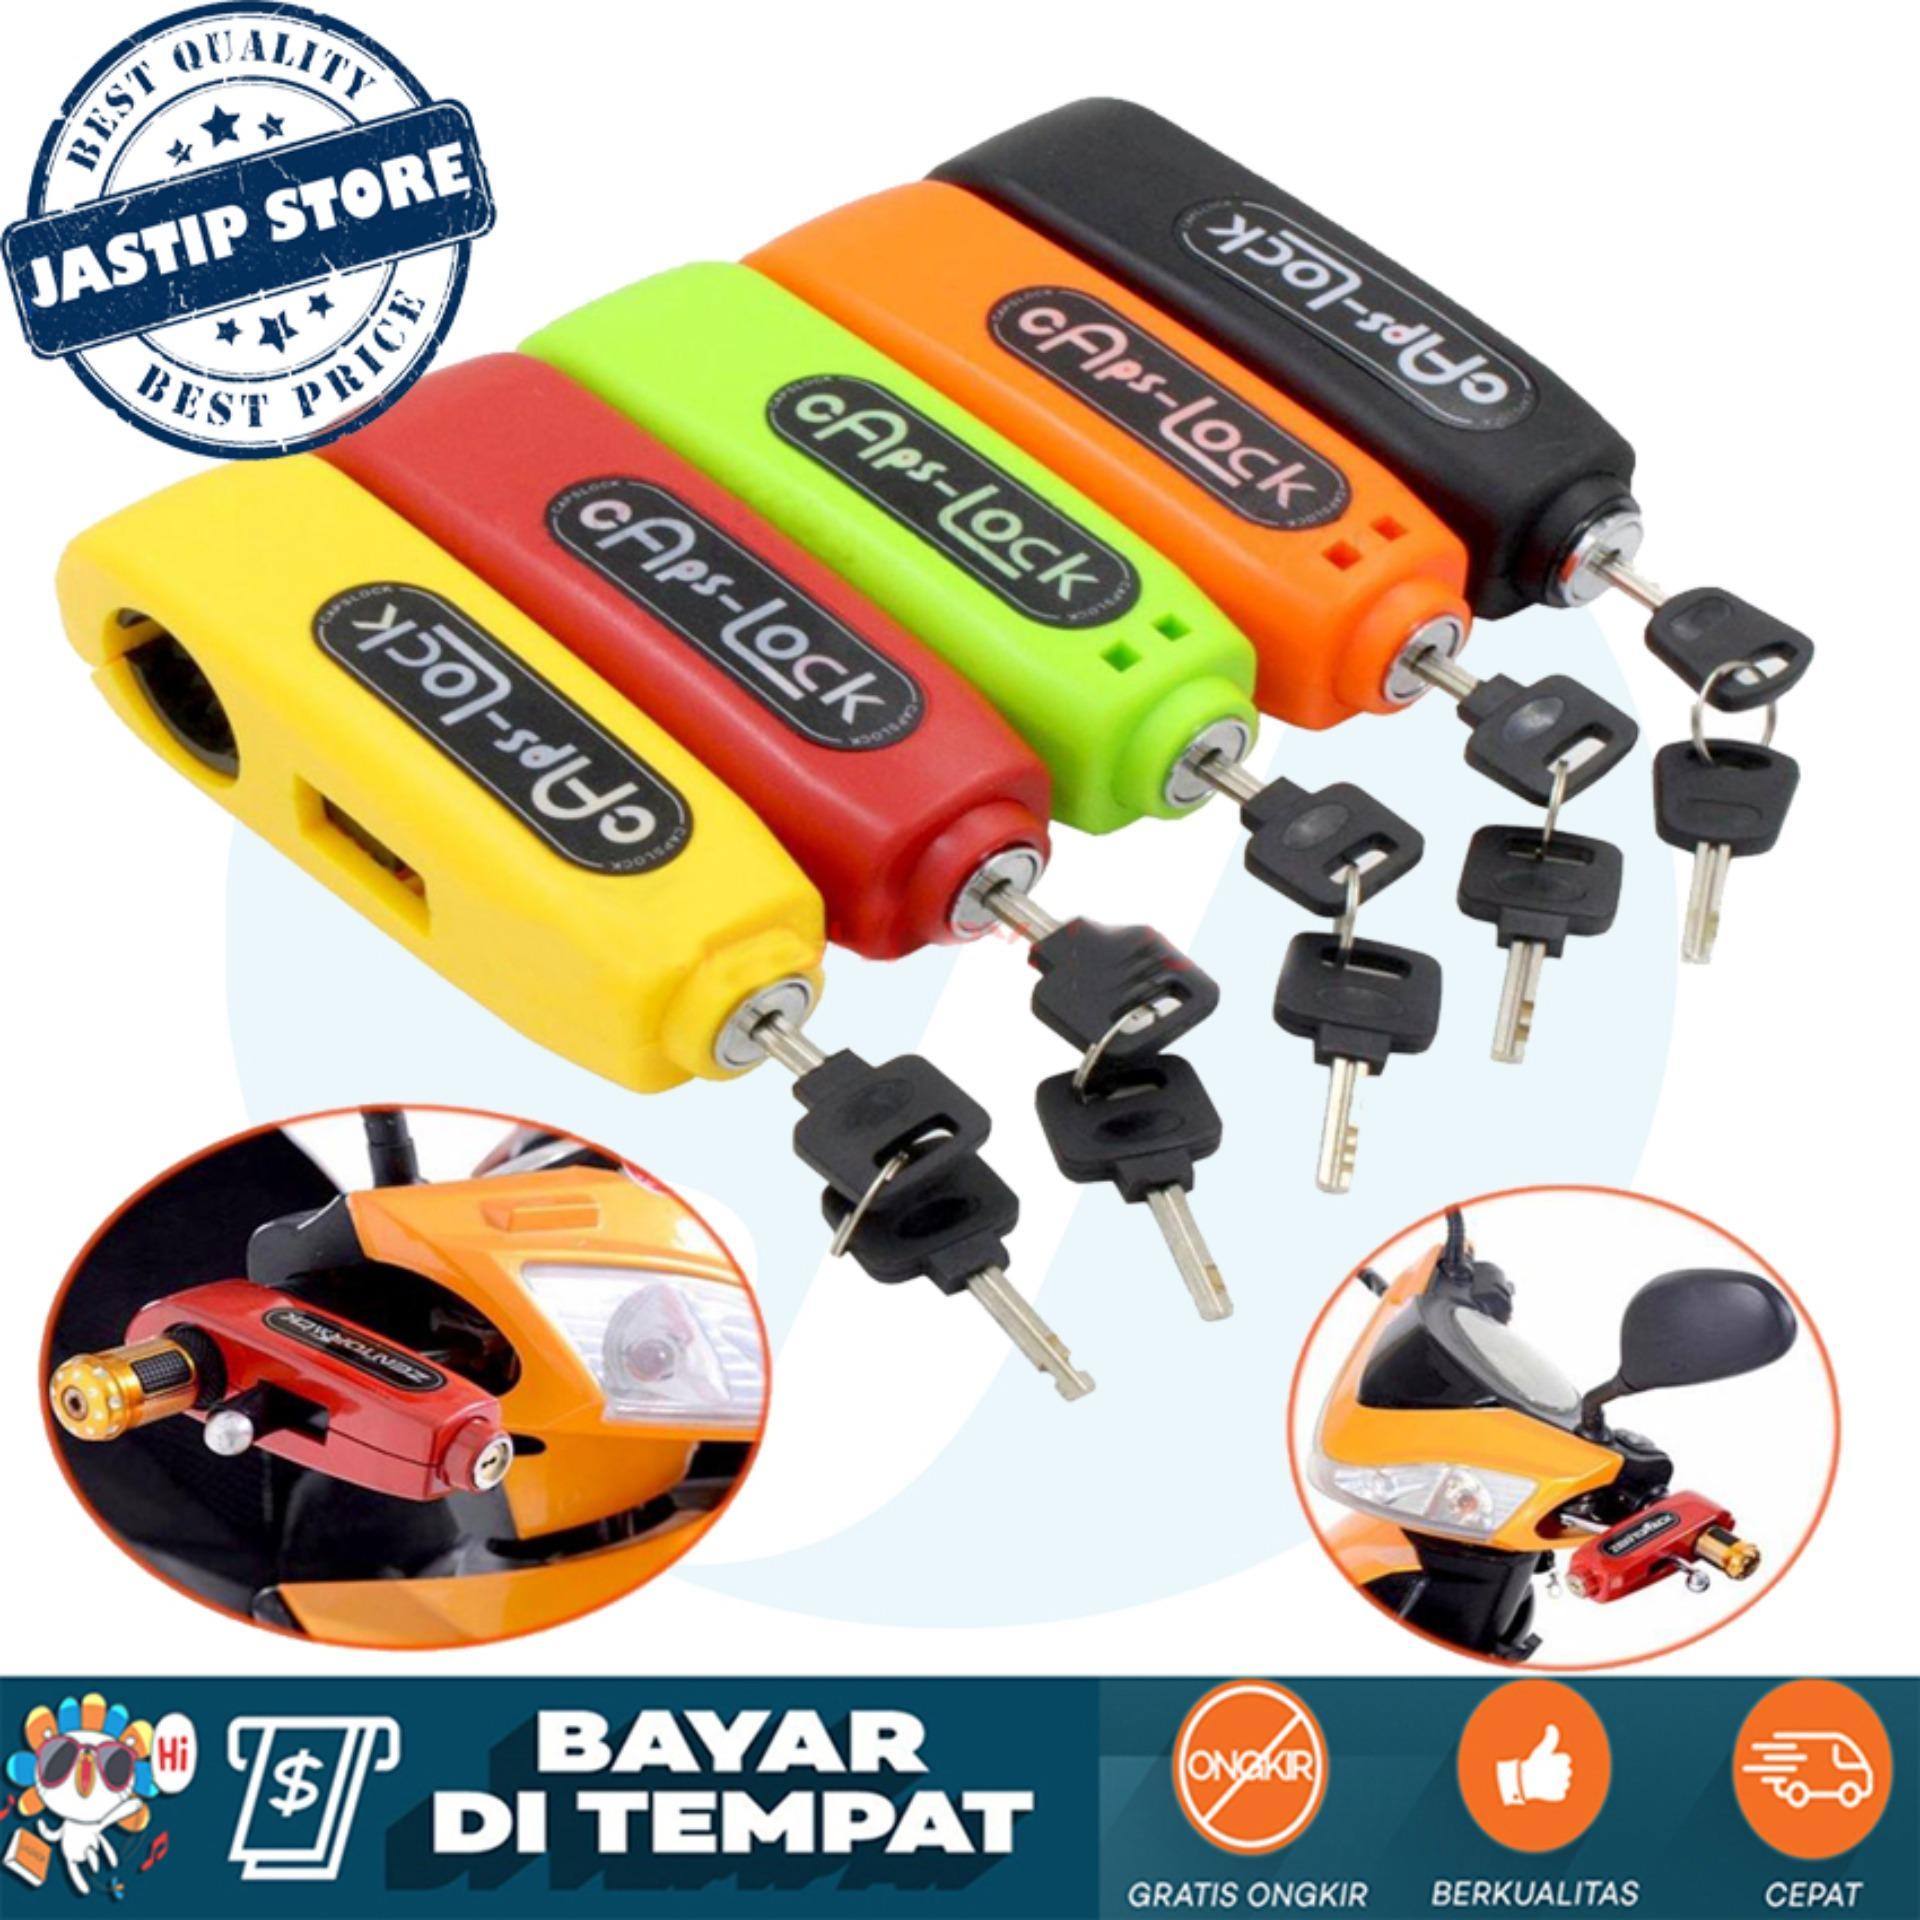 Kunci Gembok Pengaman Anti Maling Stang Motor Griplock Grip Lock / Caps Lock / Tonyiyon -